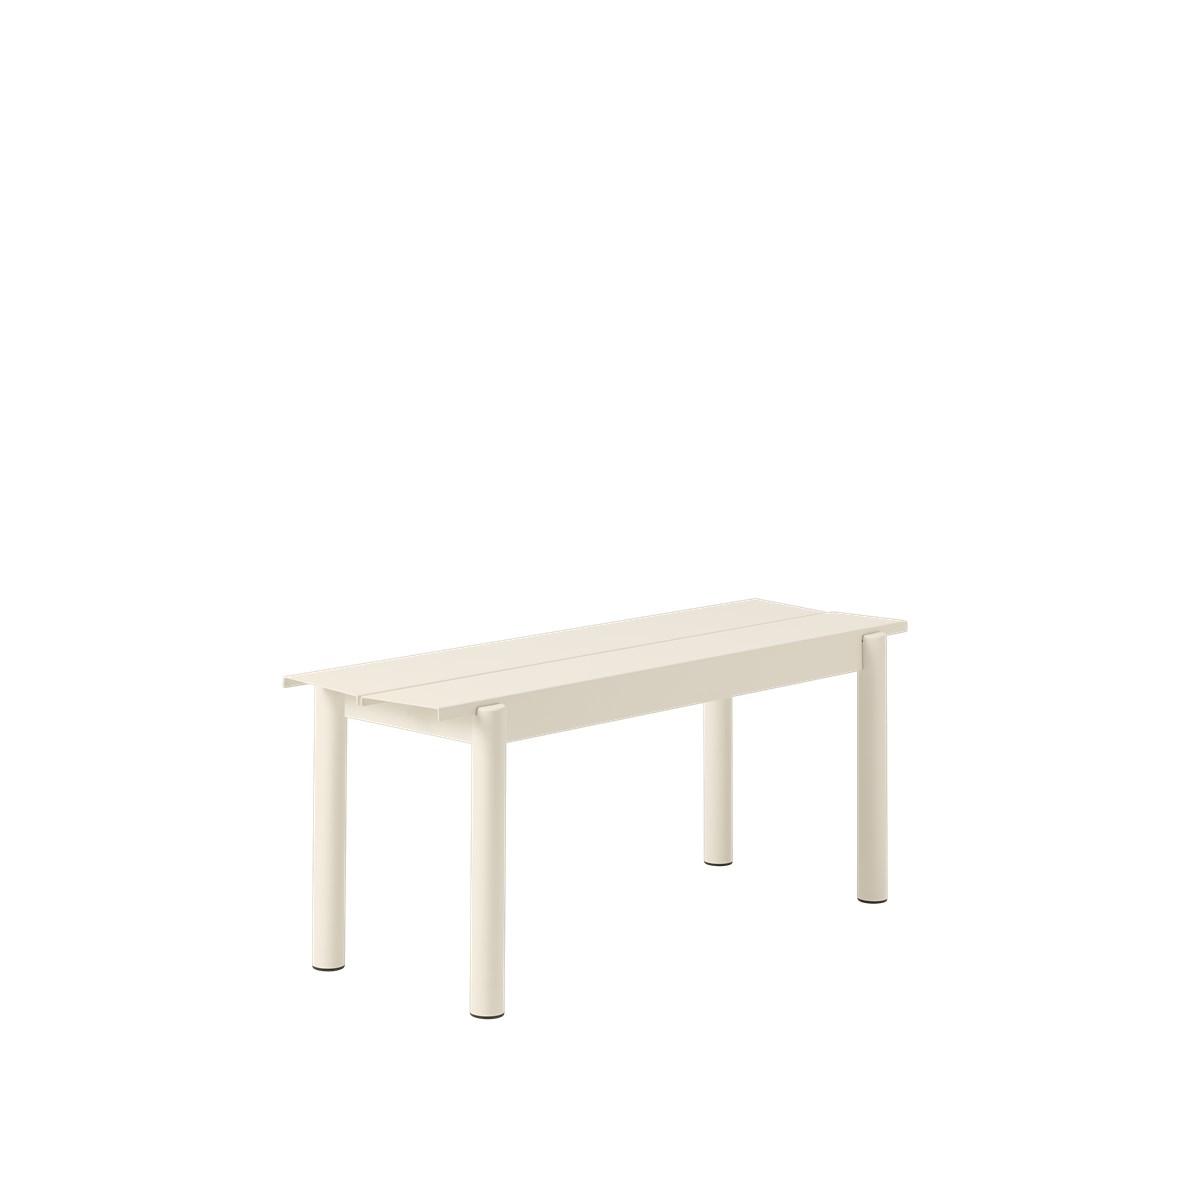 Pleasing Linear Steel Table Creativecarmelina Interior Chair Design Creativecarmelinacom